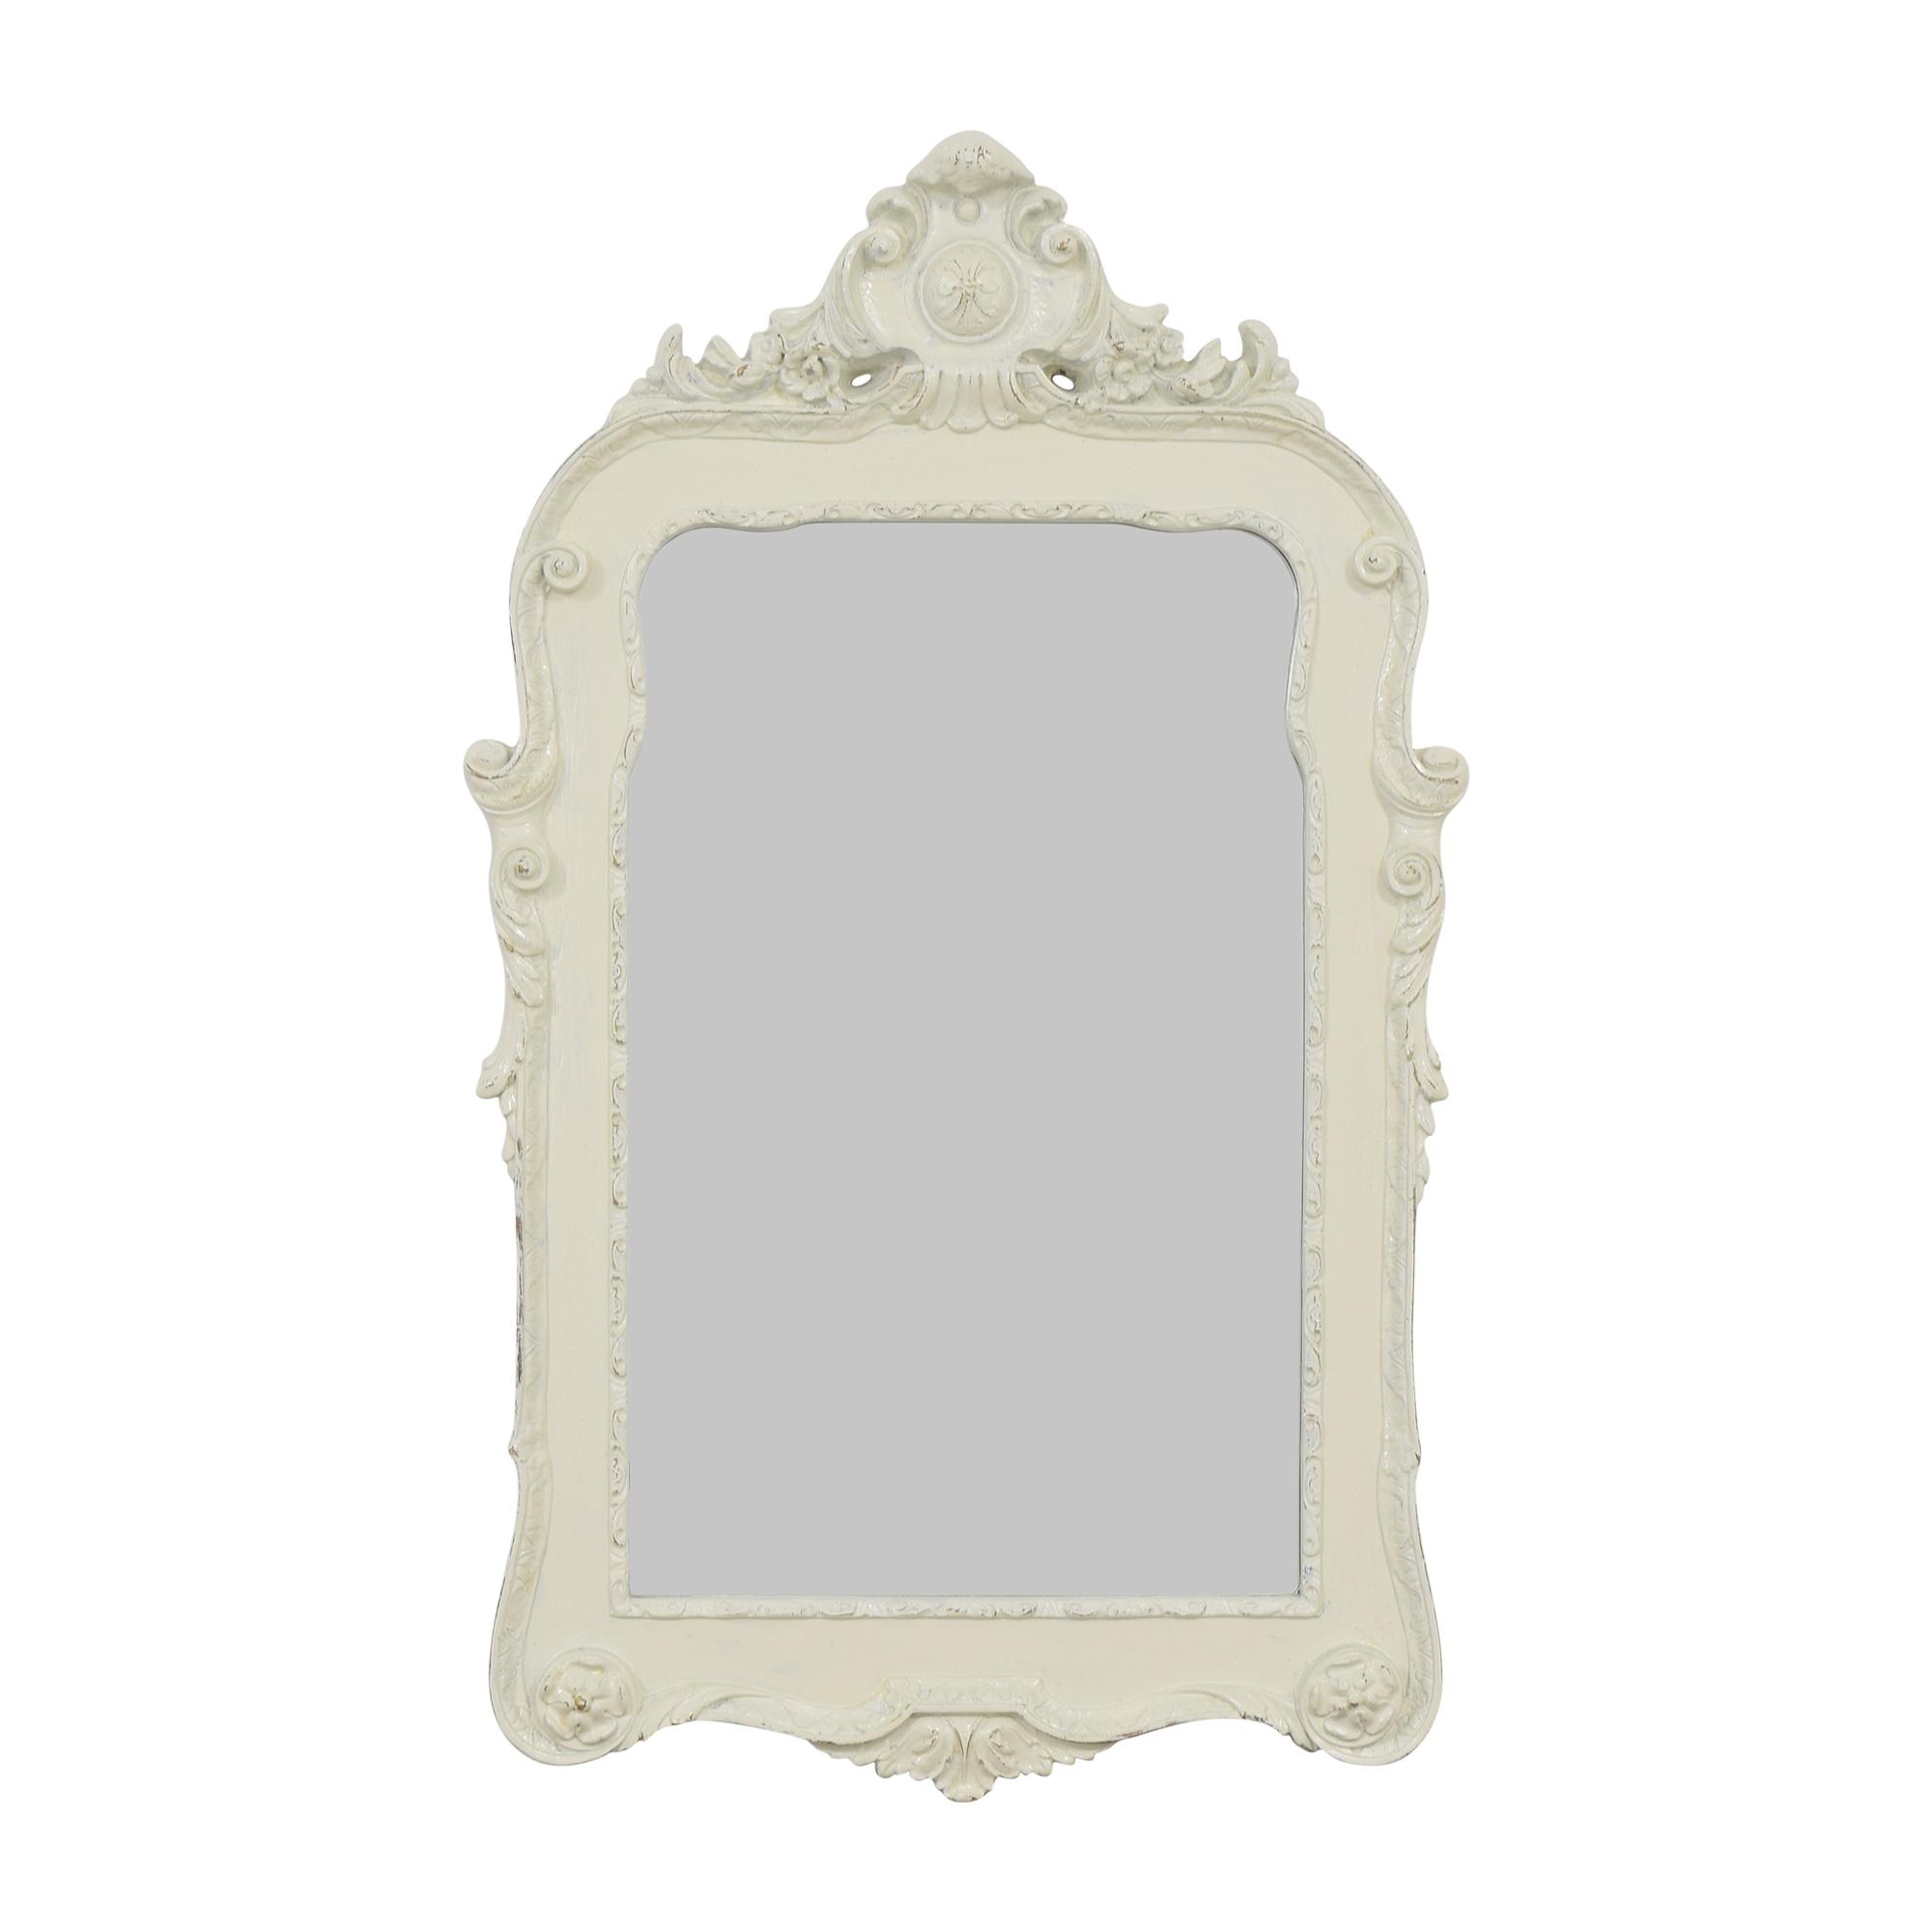 shop American Mirror Company American Mirror Company Wall Mirror online